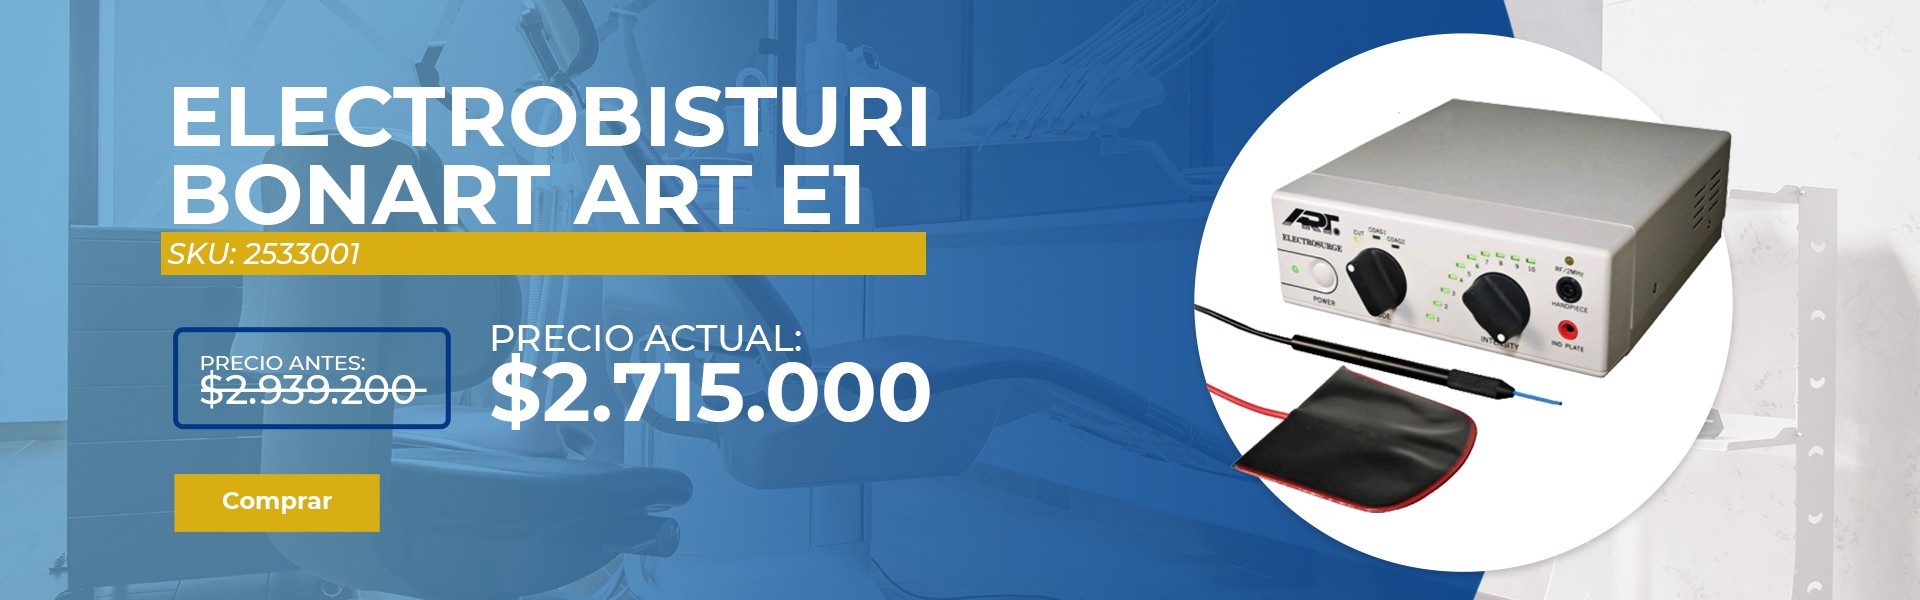 ELECTROBISTURI BONART ART E1